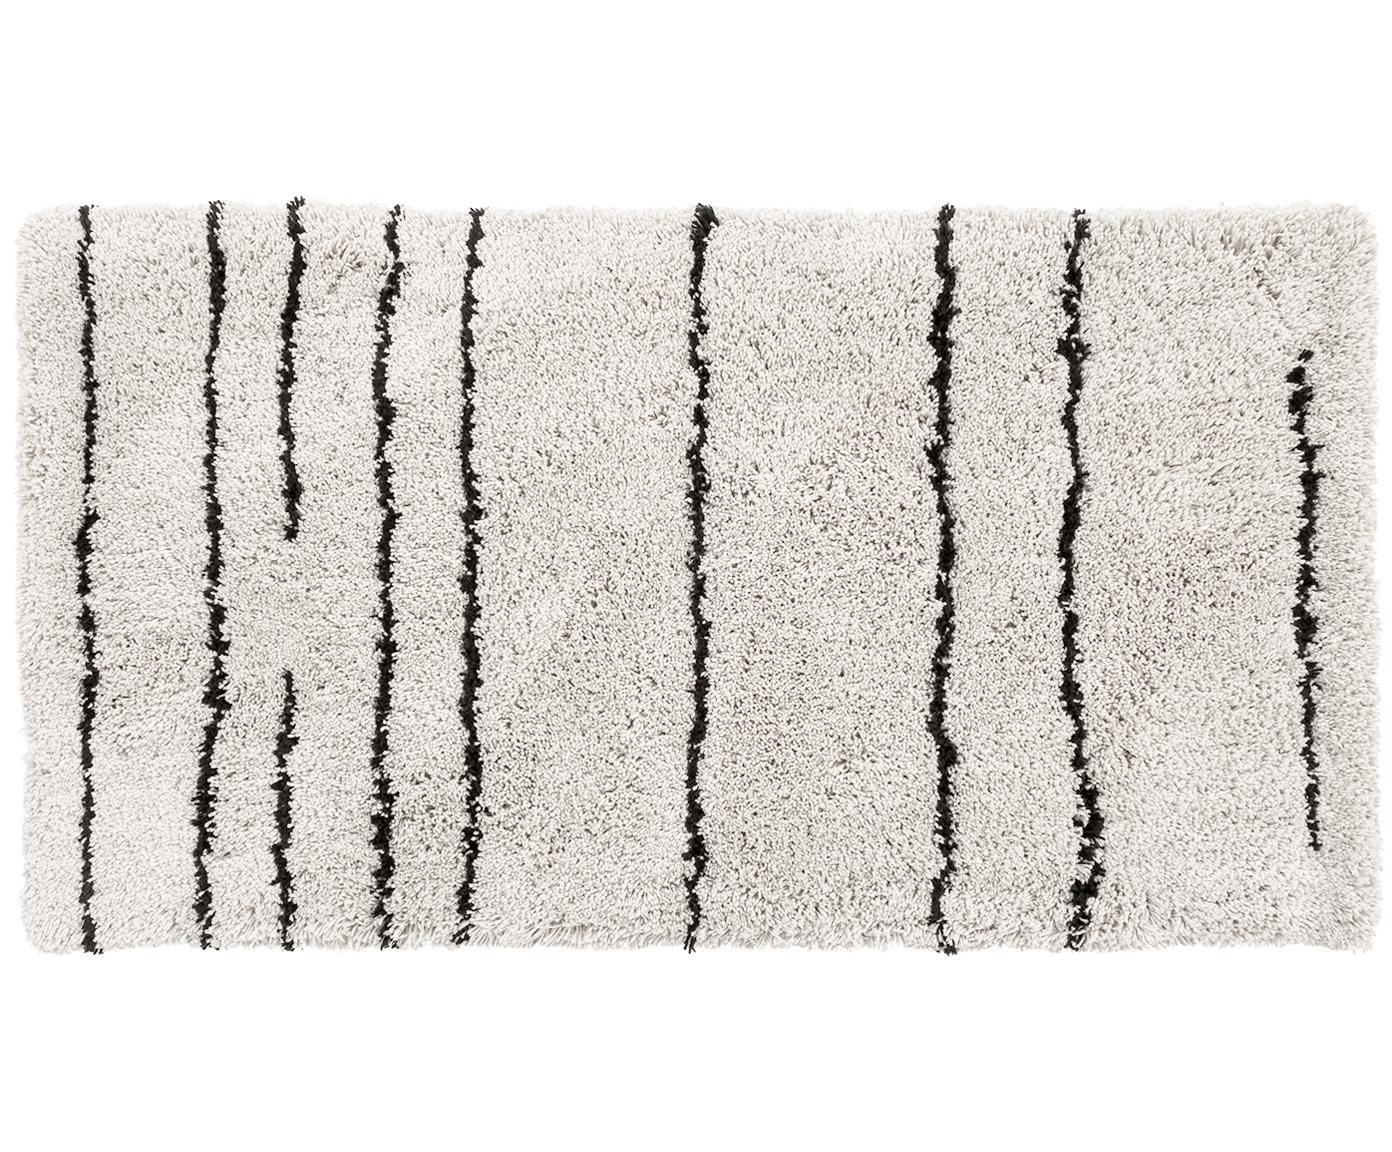 Flauschiger Hochflor-Teppich Dunya, handgetuftet, Flor: 100% Polyester, Beige, Schwarz, B 80 x L 150 cm (Grösse XS)